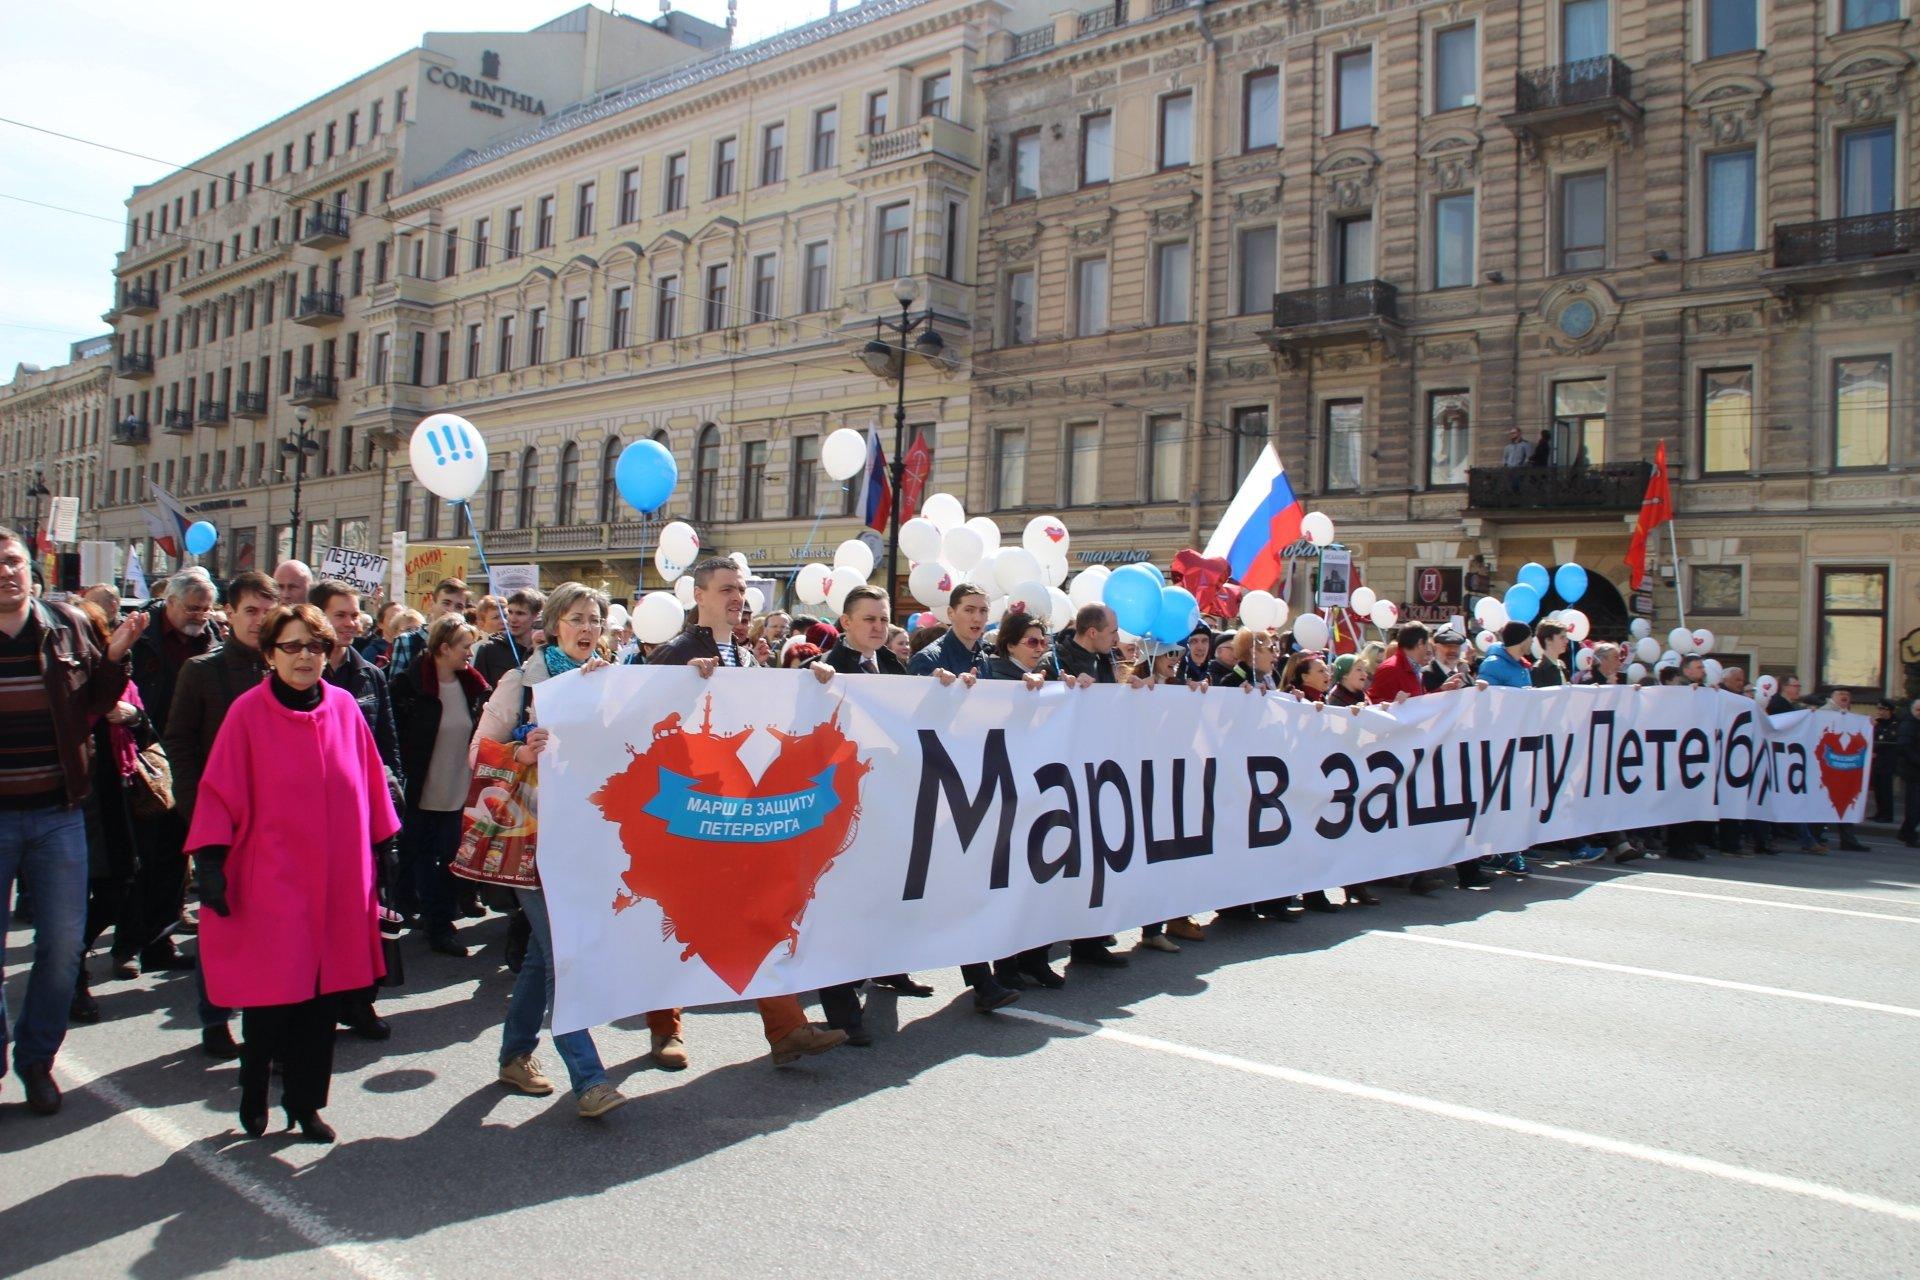 ЛГБТ-активисты задержаны вПетербурге заакцию солидарности сгеями вЧечне